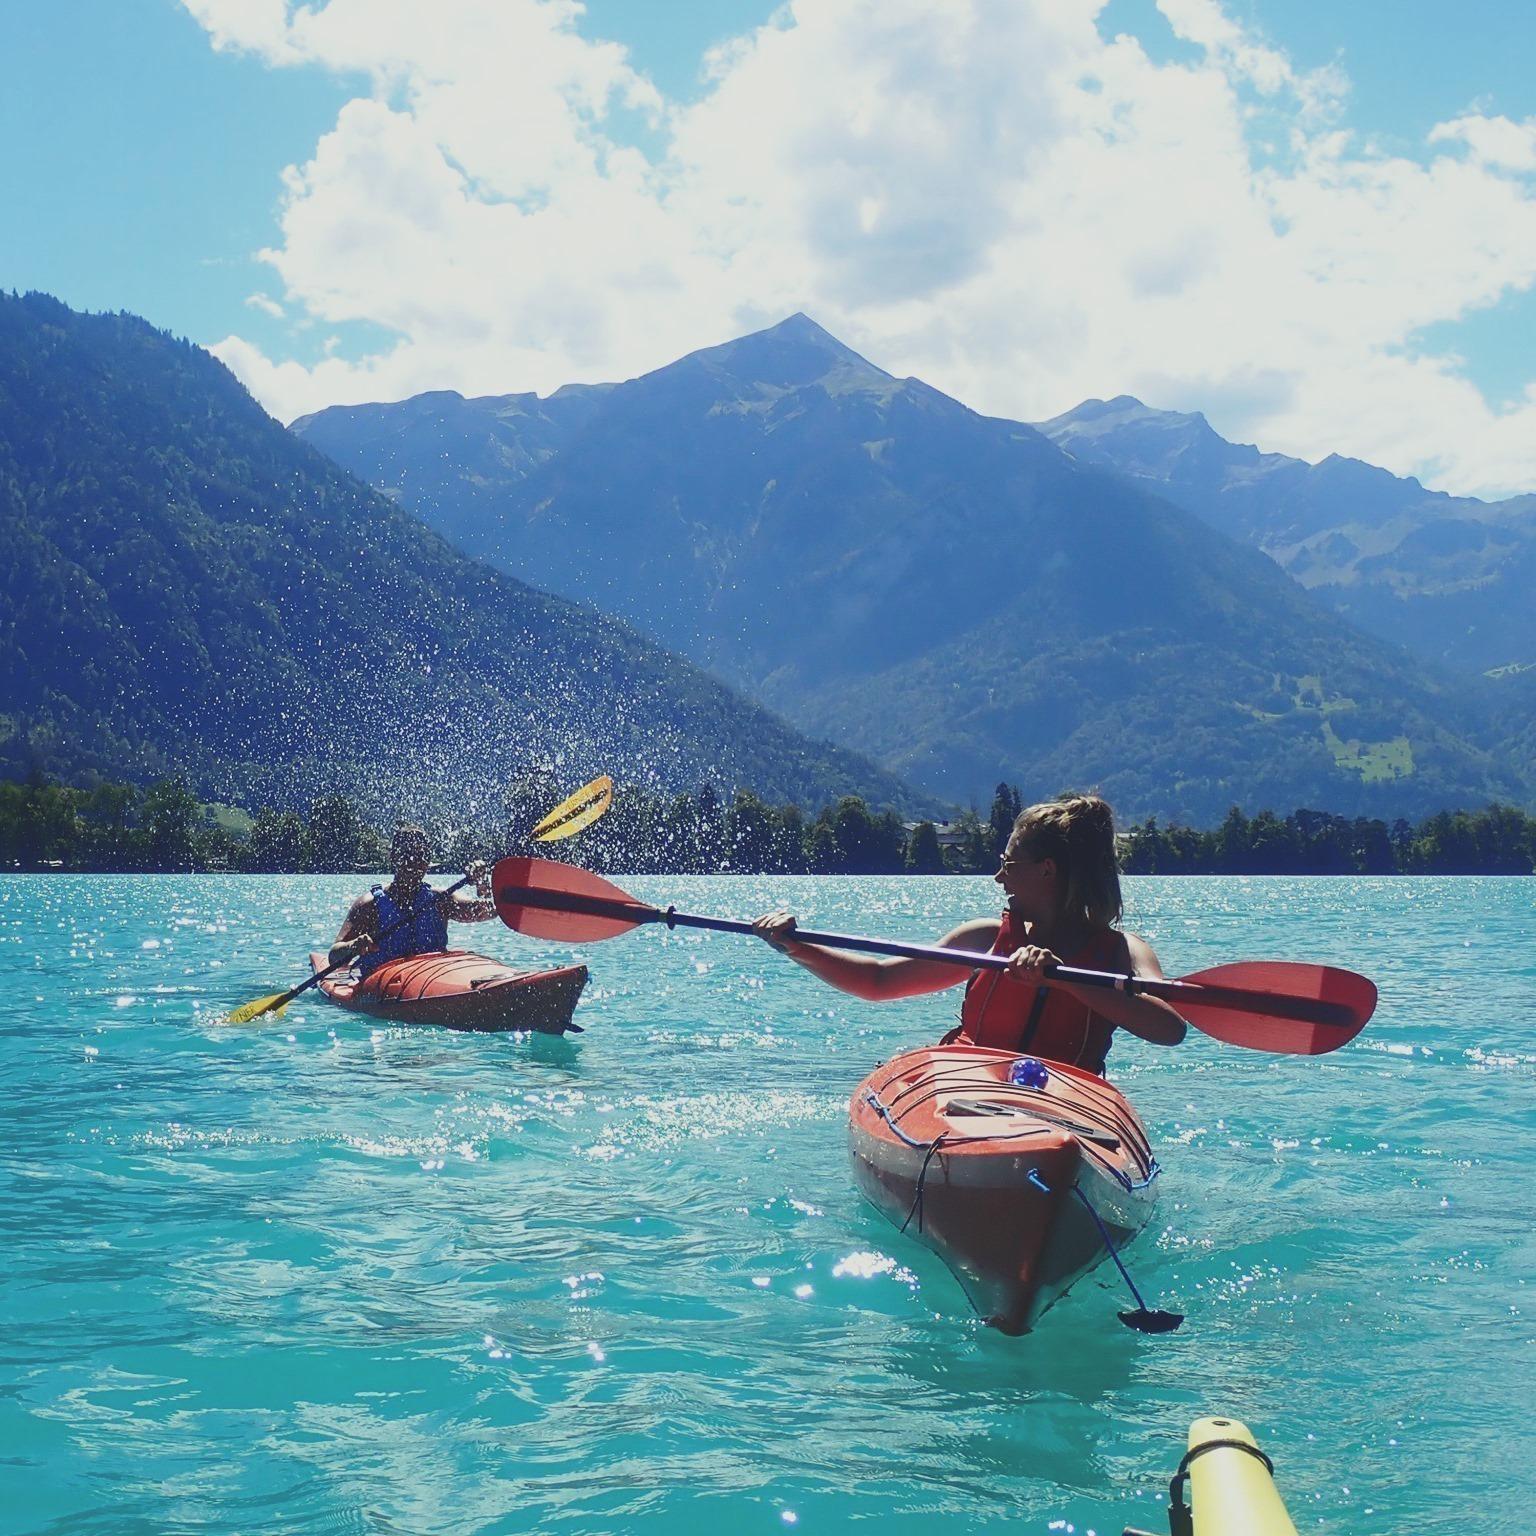 Things to do in Interlaken. Kayak Interlaken